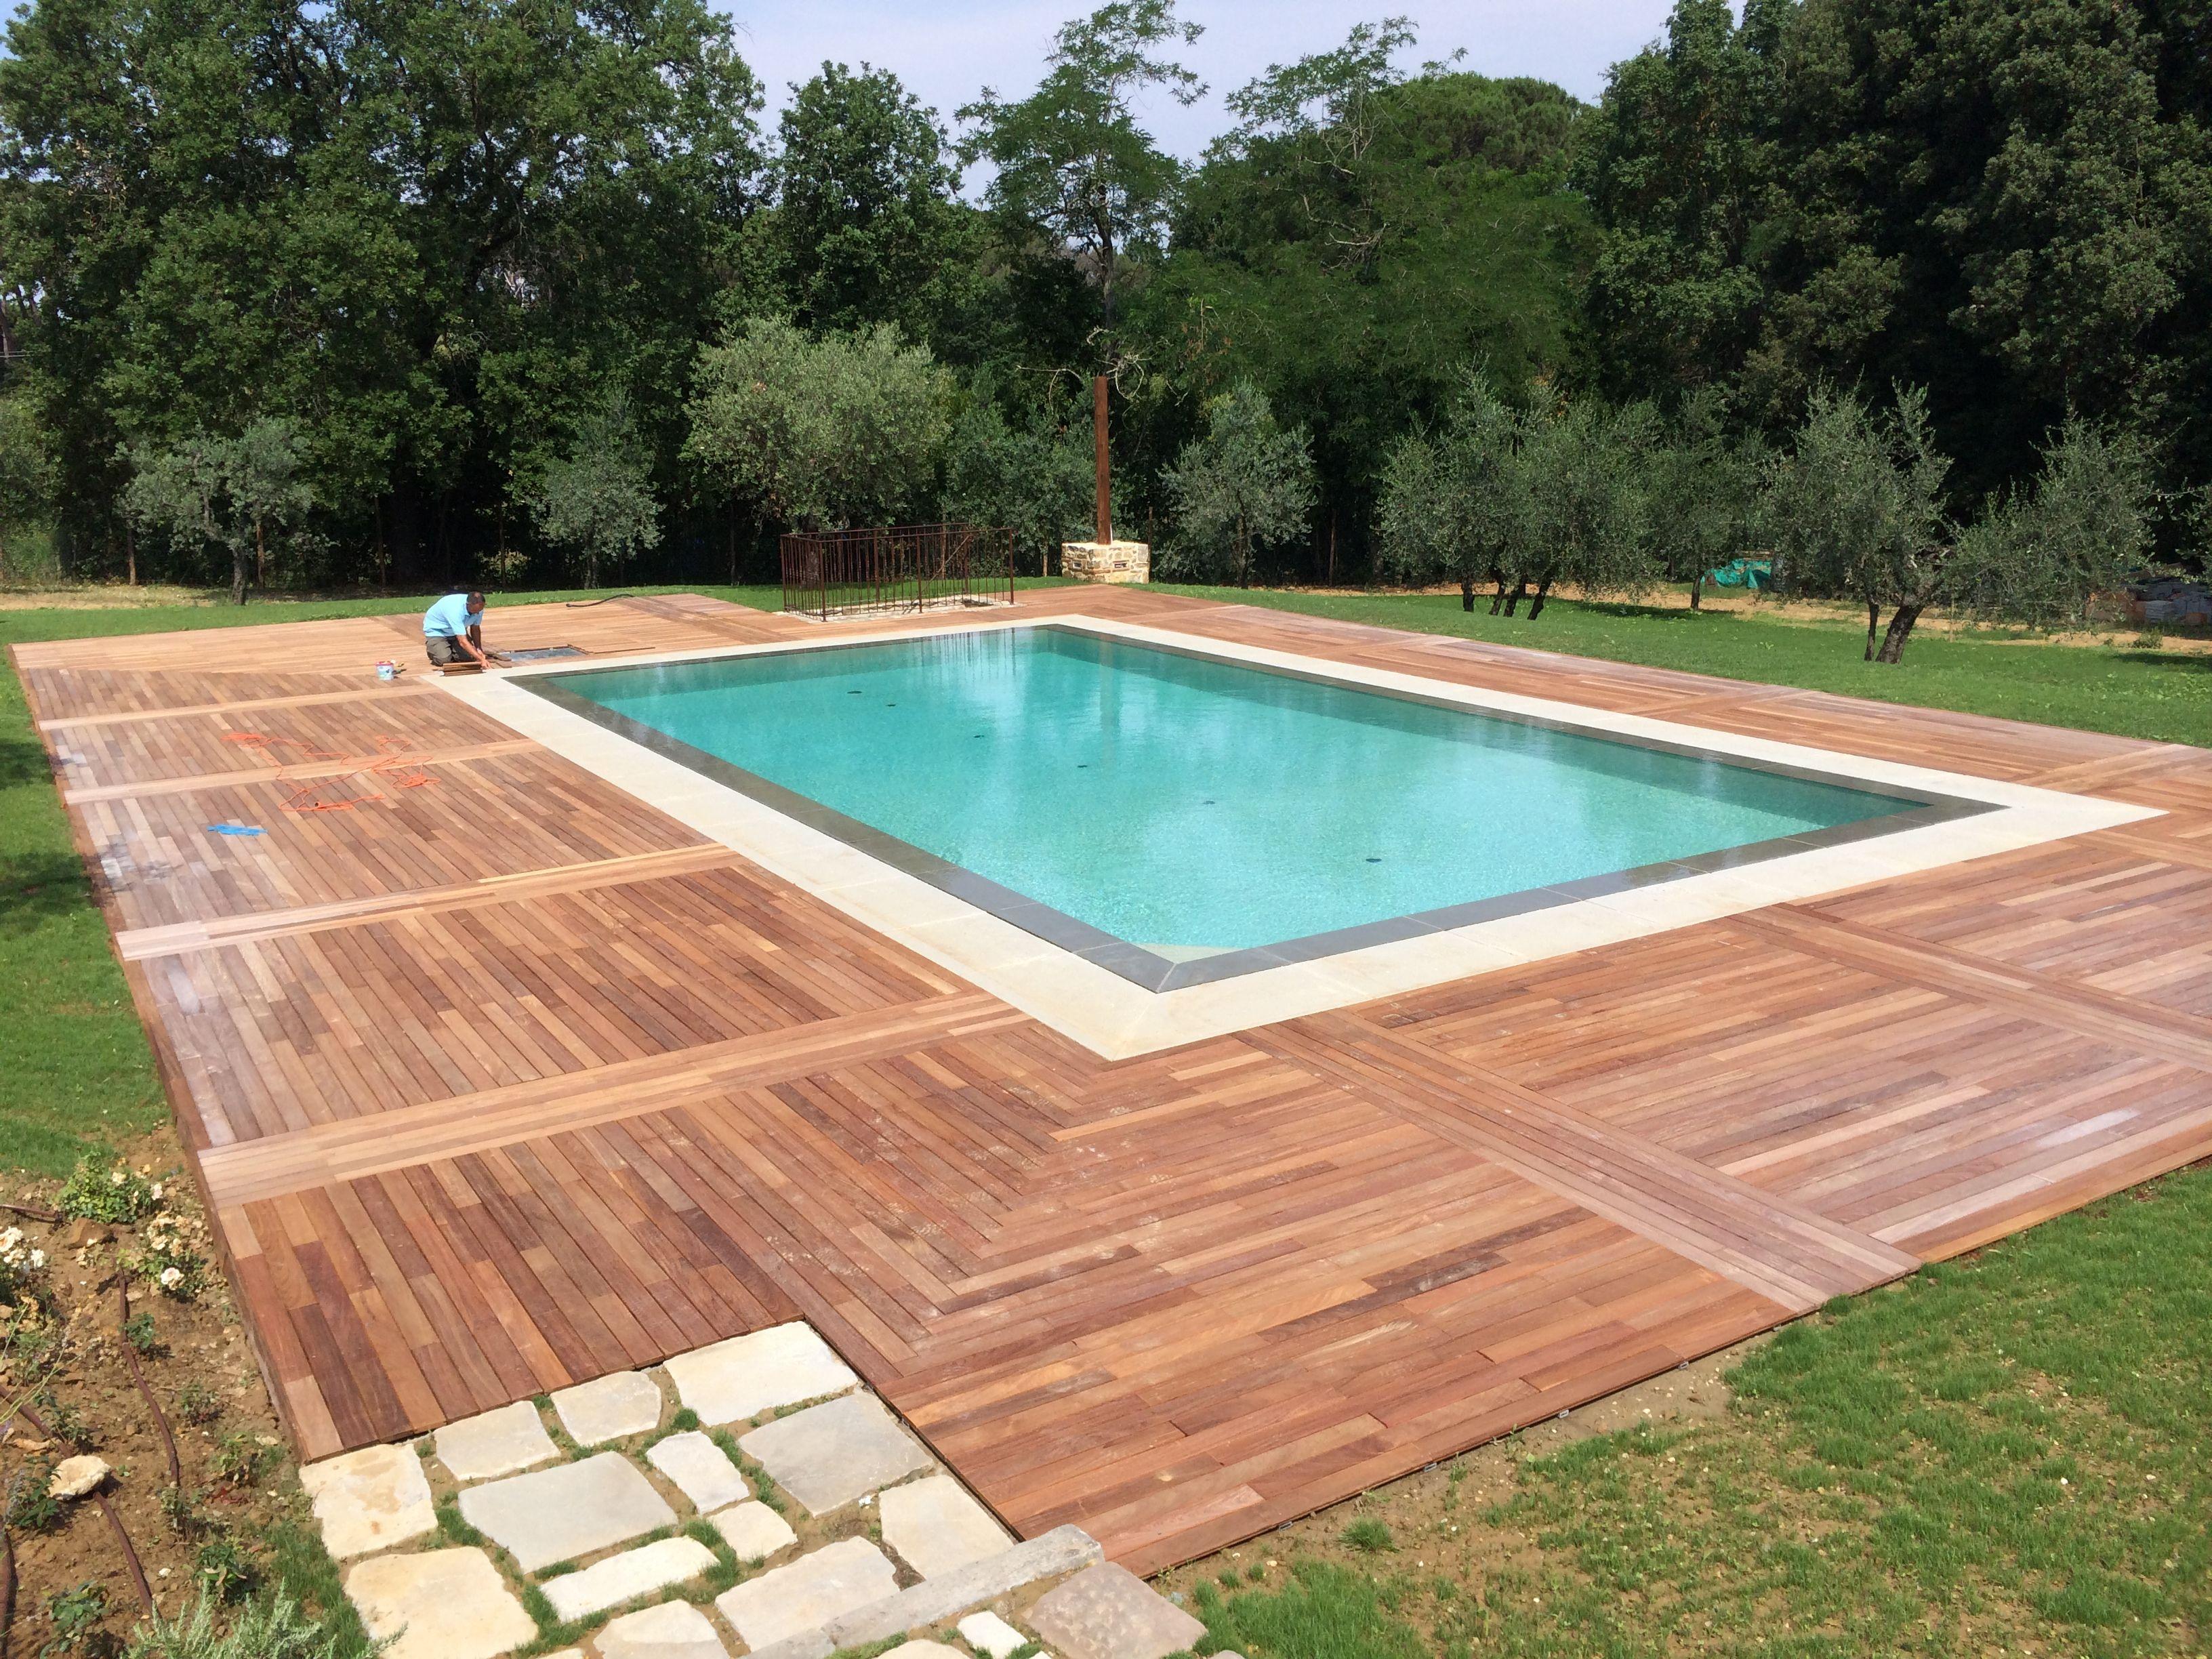 Pavimentazione bordo piscina in legno di ipé Бассейн